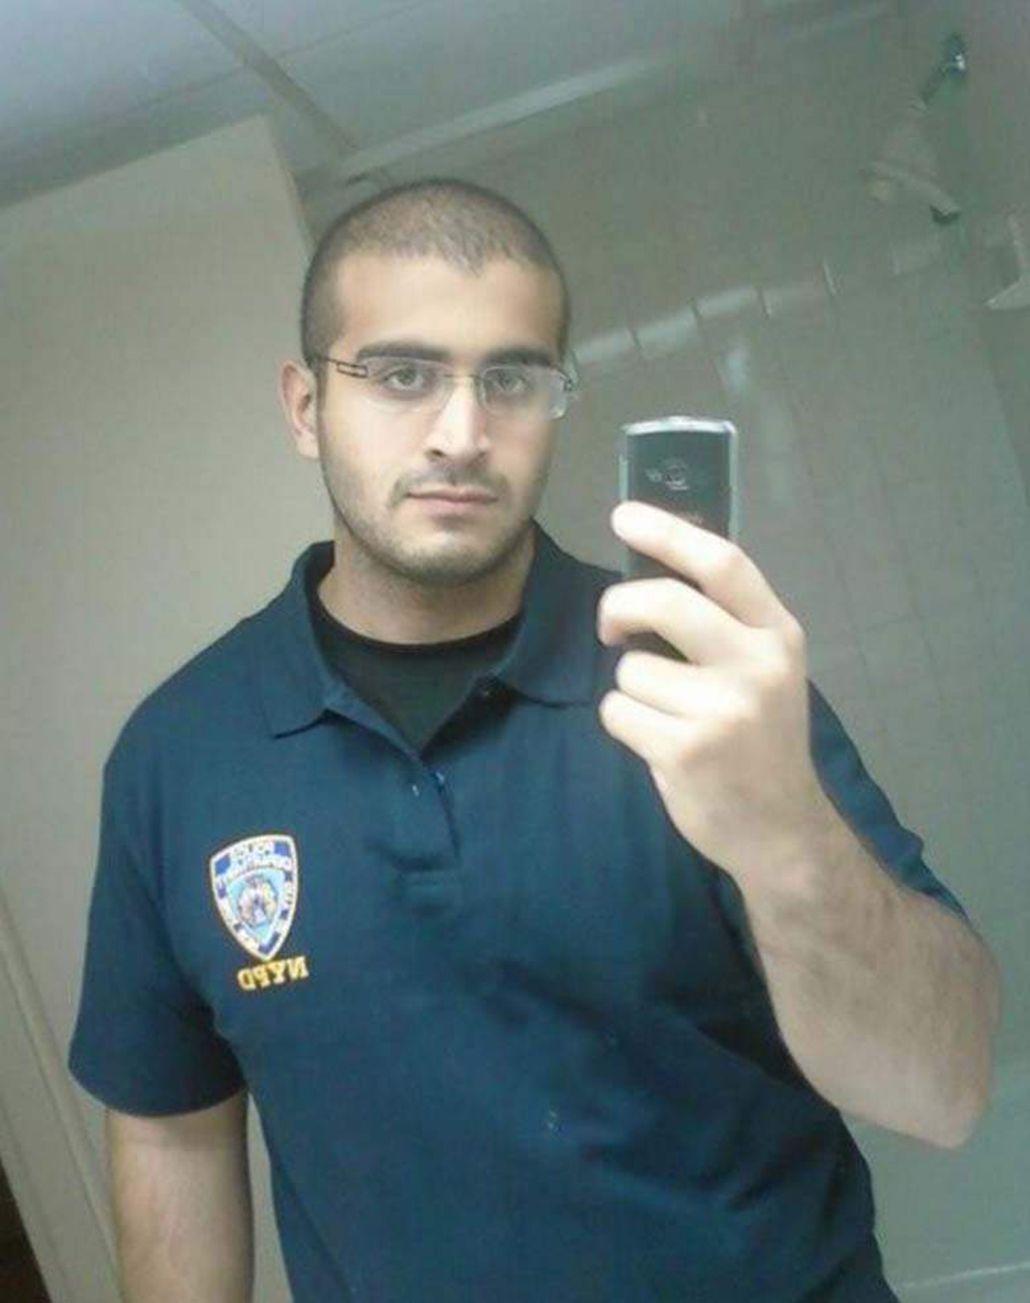 Antes de disparar en el boliche, el atacante llamó al 911 y declaró su lealtad a ISIS